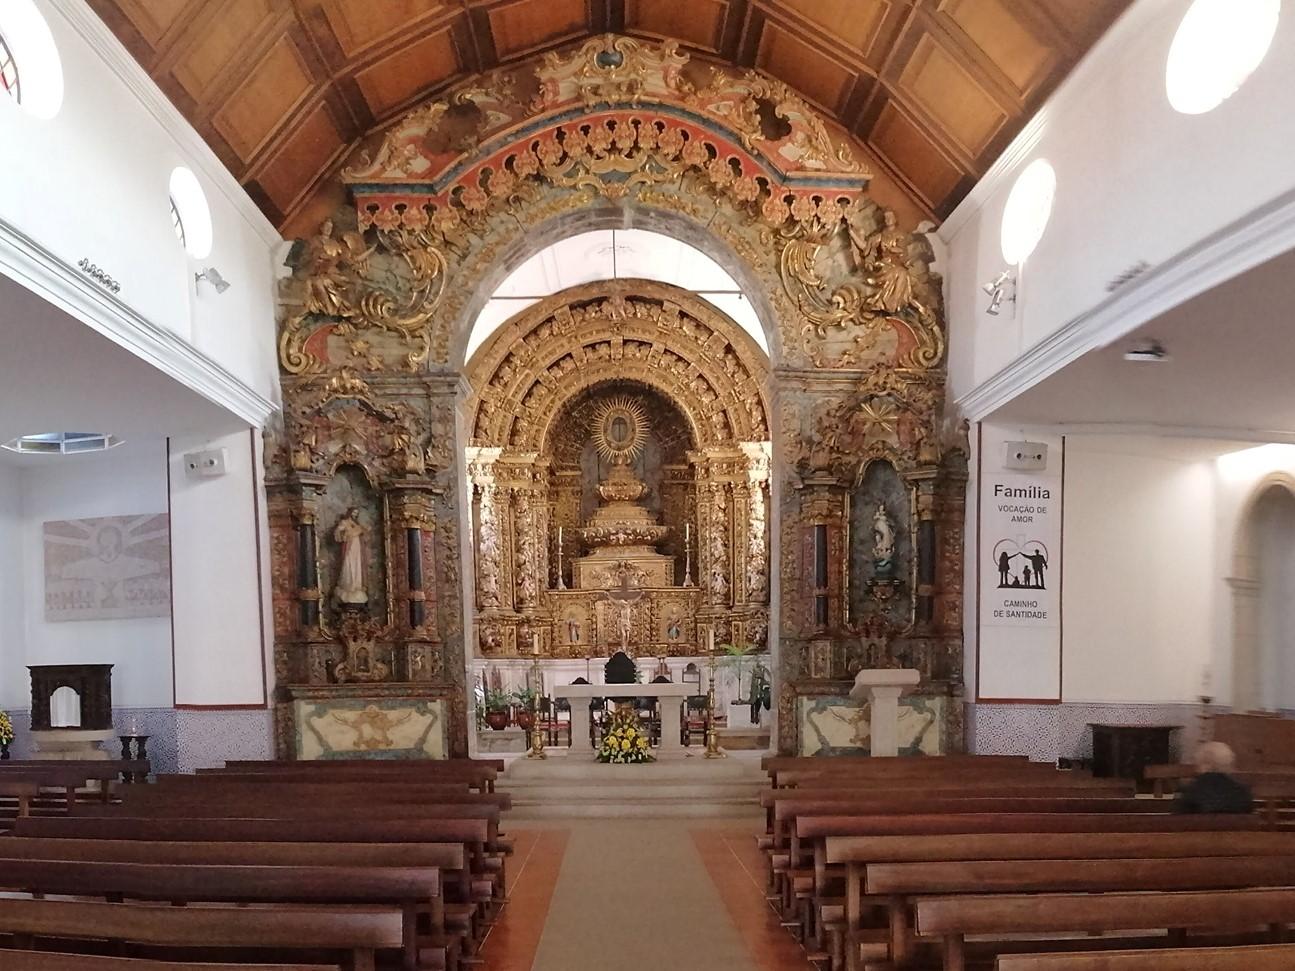 Iglesia Parroquial de Albergaria-a-Velha